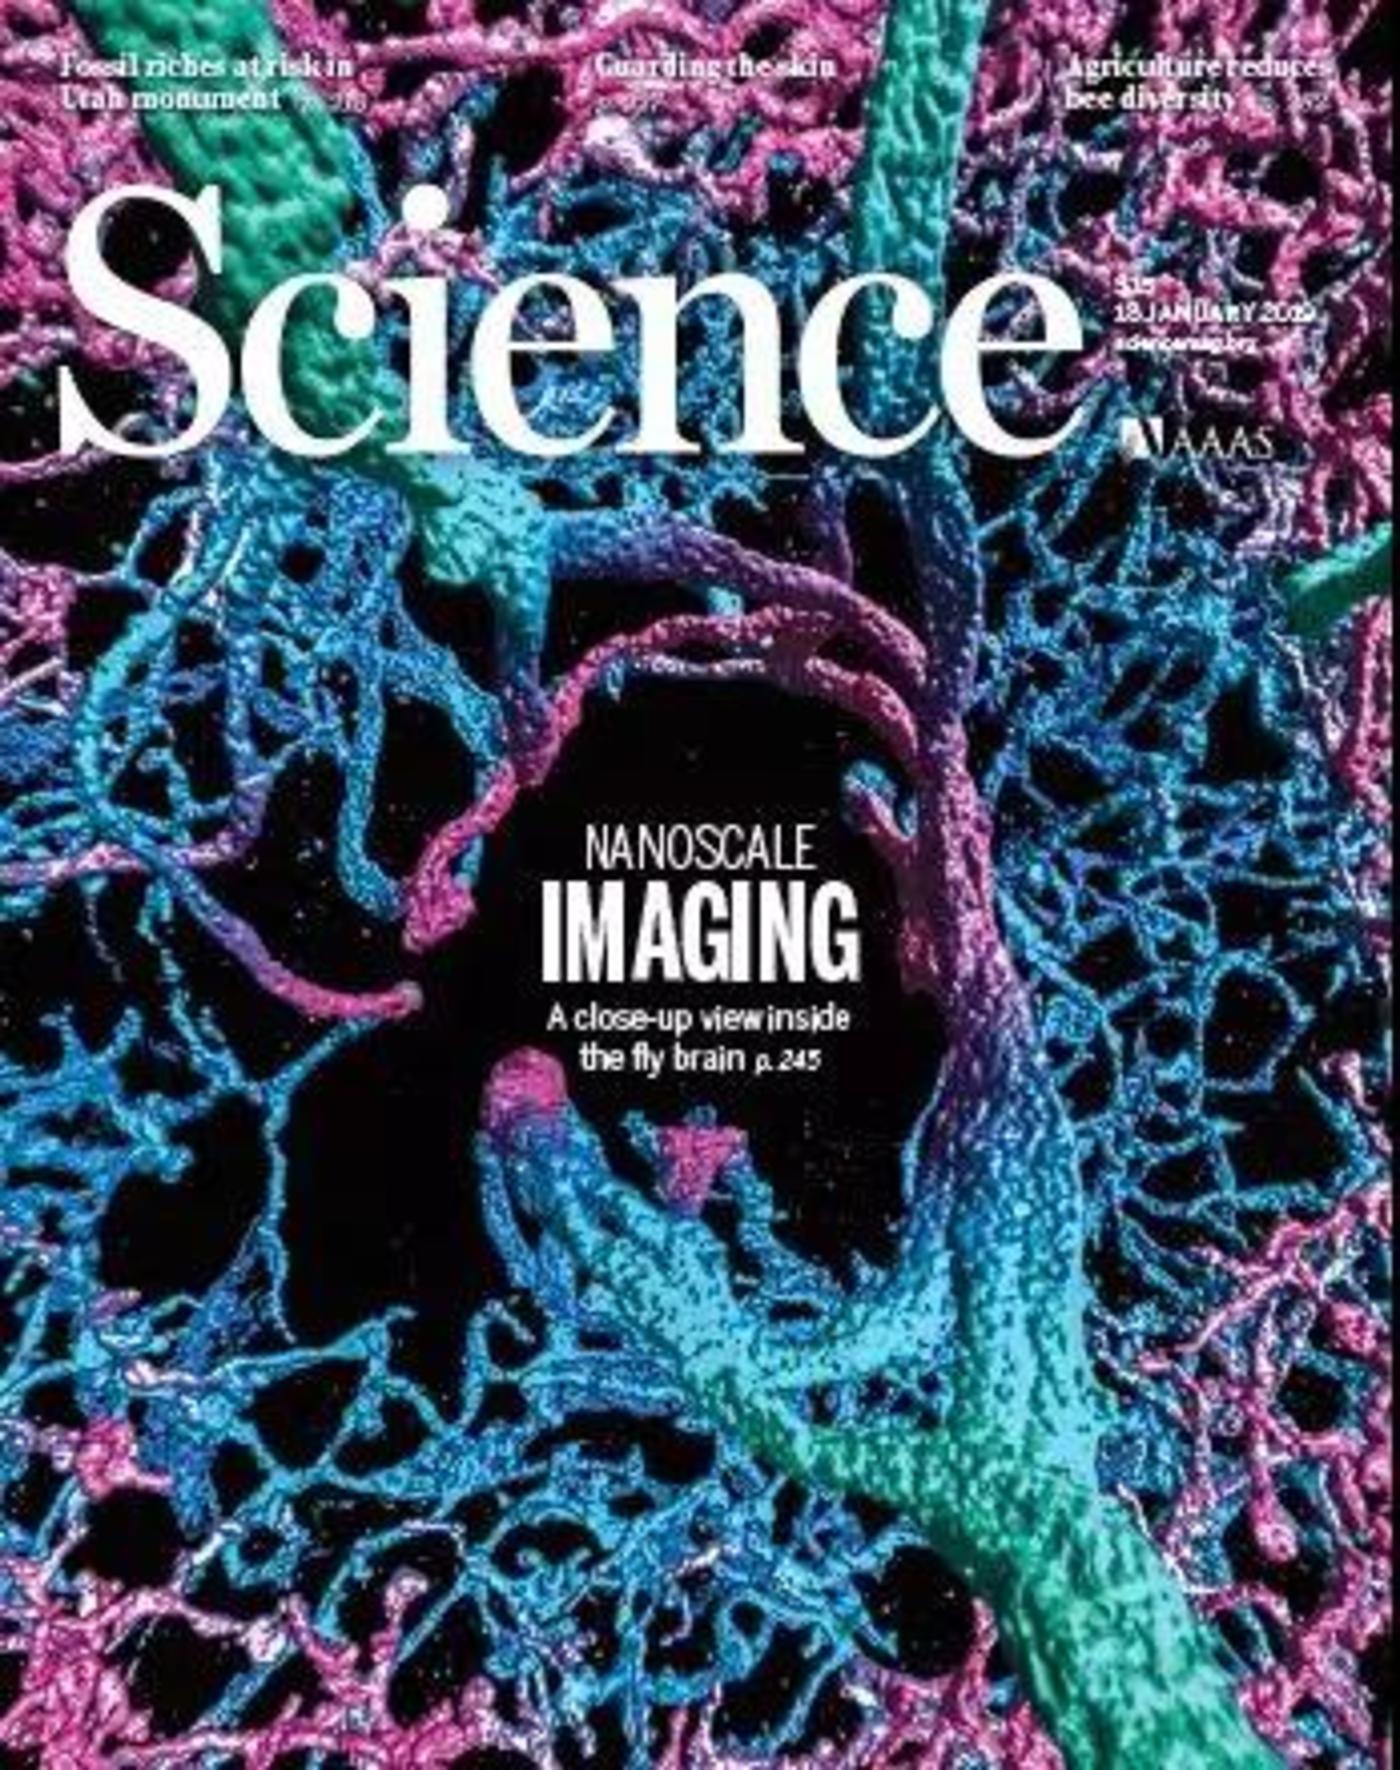 谷歌自动重建果蝇完整大脑,40万亿像素图像首度公开